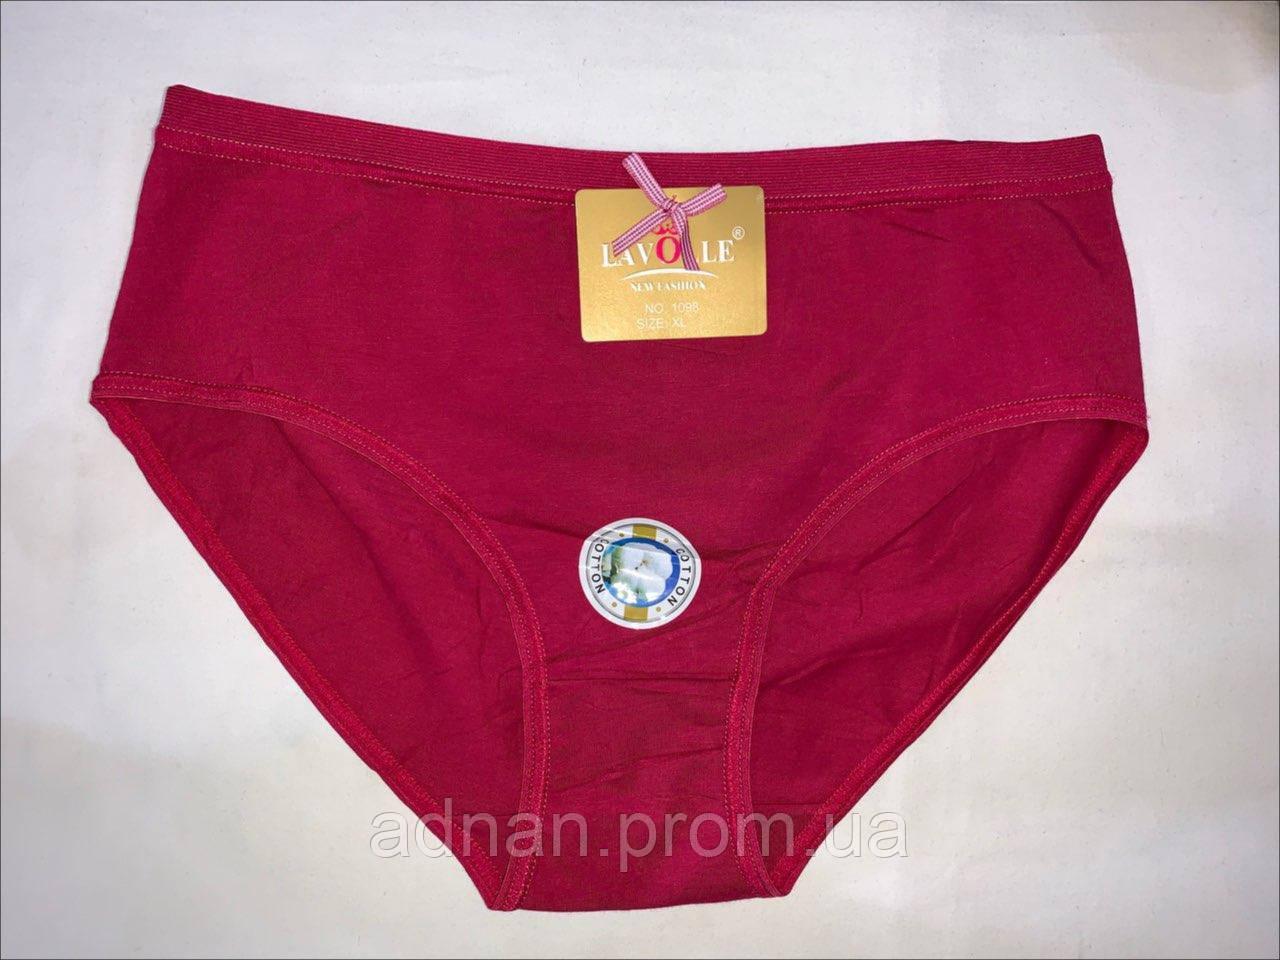 Нижнее белье, купить женское нижнее белье оптом со склада,NB1098 NBJ-0009